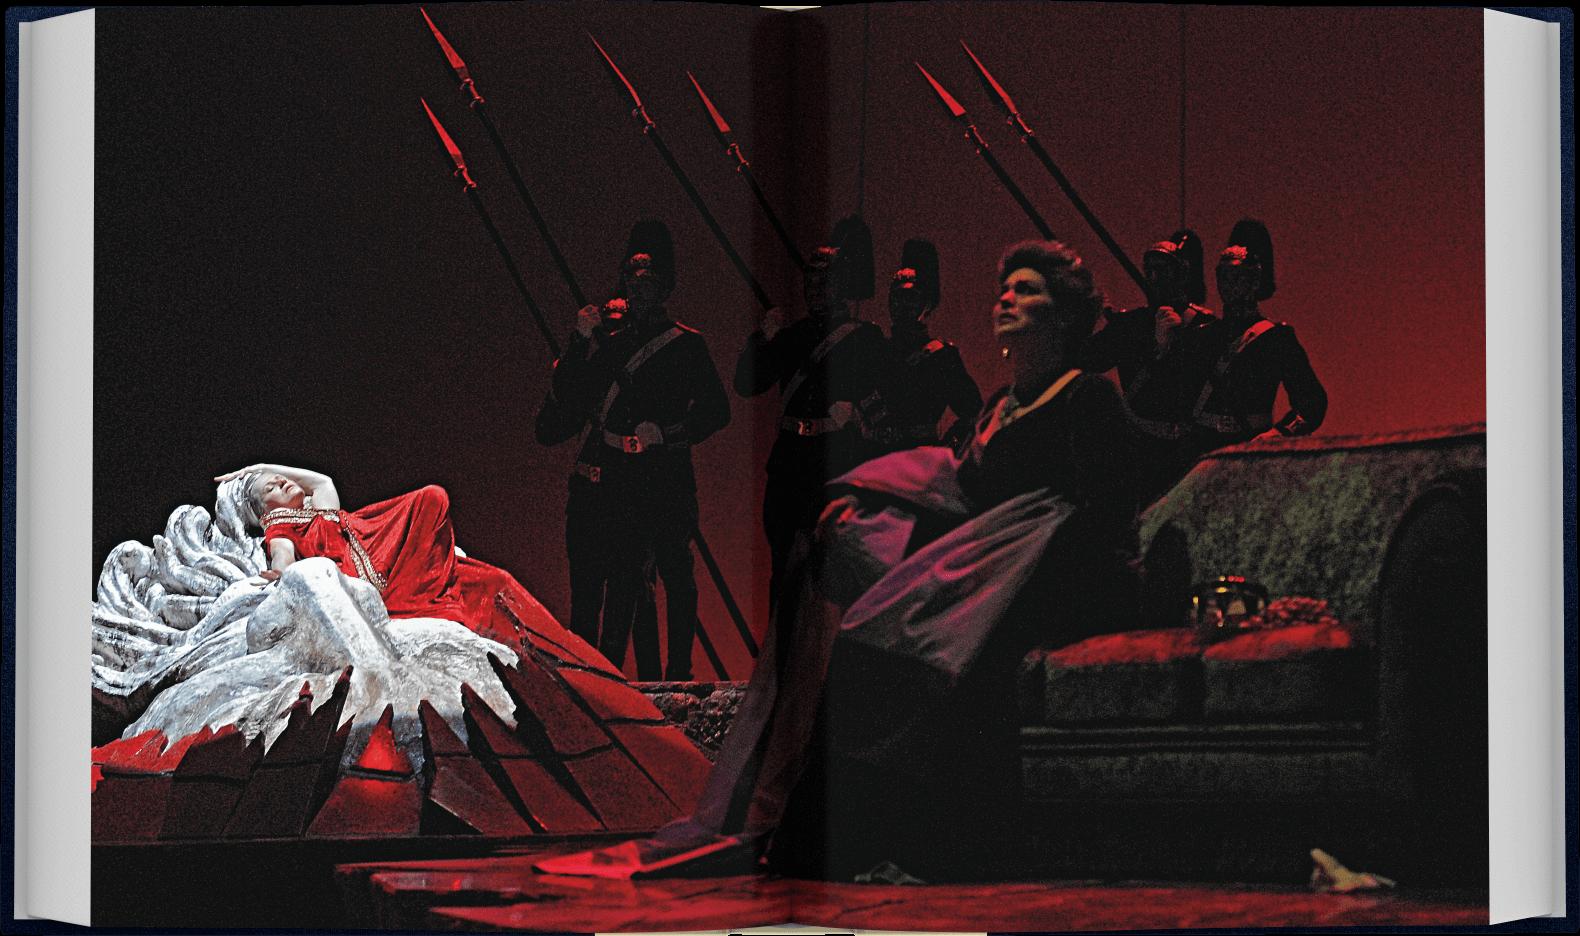 teatro-bologna-limited-spread-07